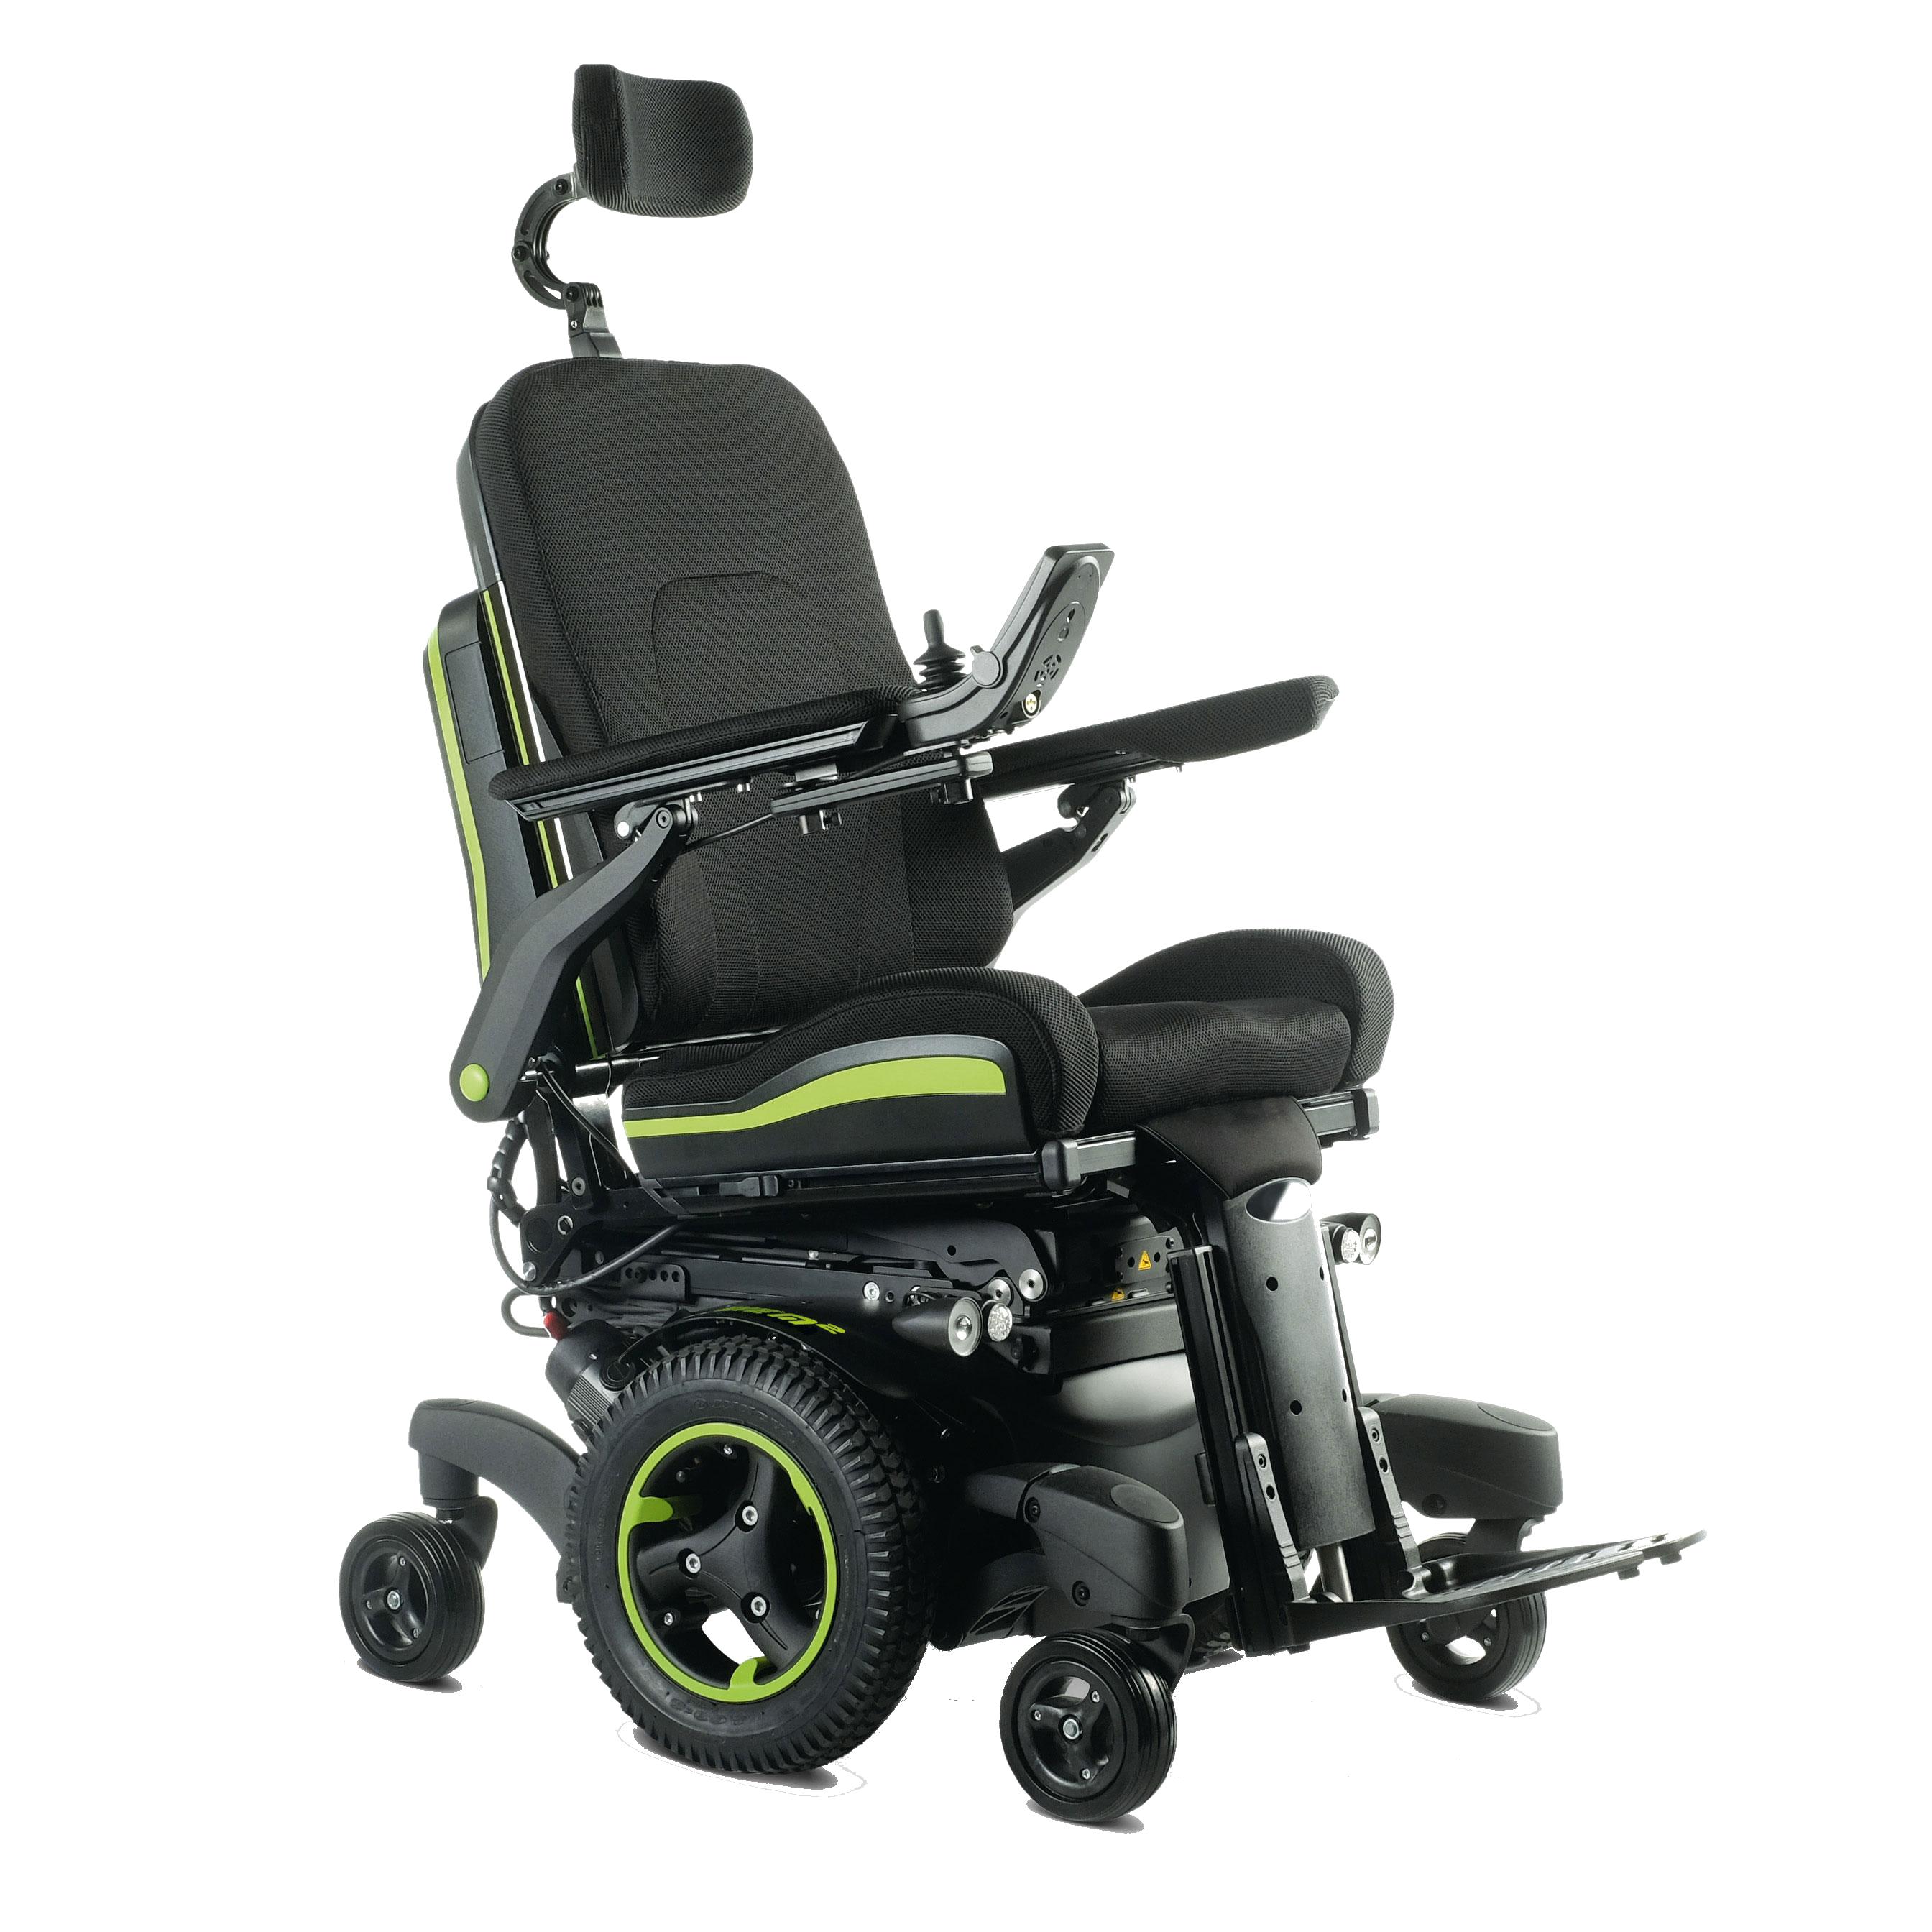 Quickie Qm 710 Sedeo Ergo Total Mobility